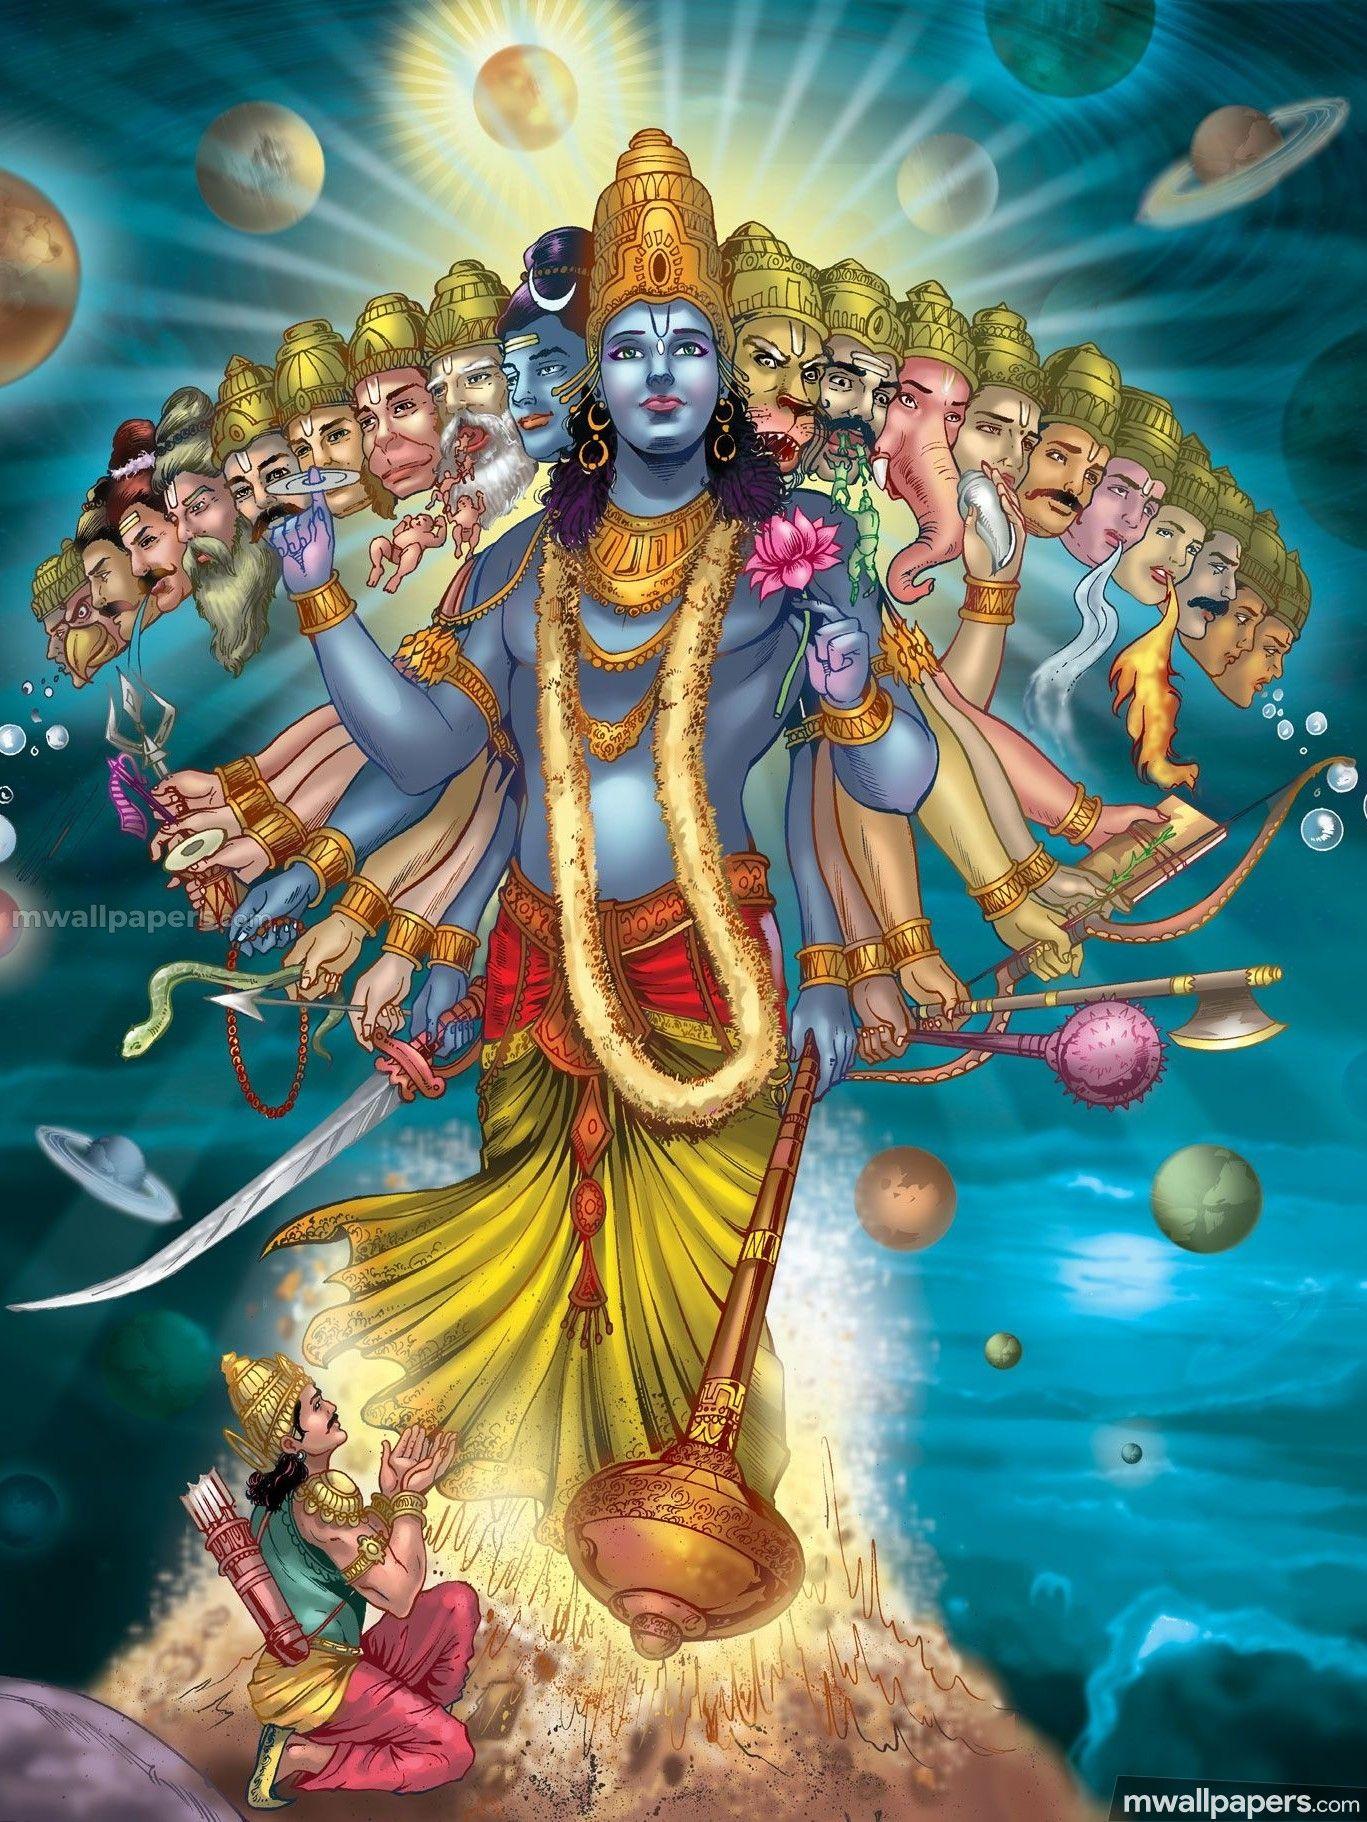 Lord Vishnu Hd Images 1080p 17185 Lordvishnu God Hindu Hdimages Hdwallpapers Lord Krishna Hd Wallpaper Lord Krishna Lord Vishnu Wallpapers